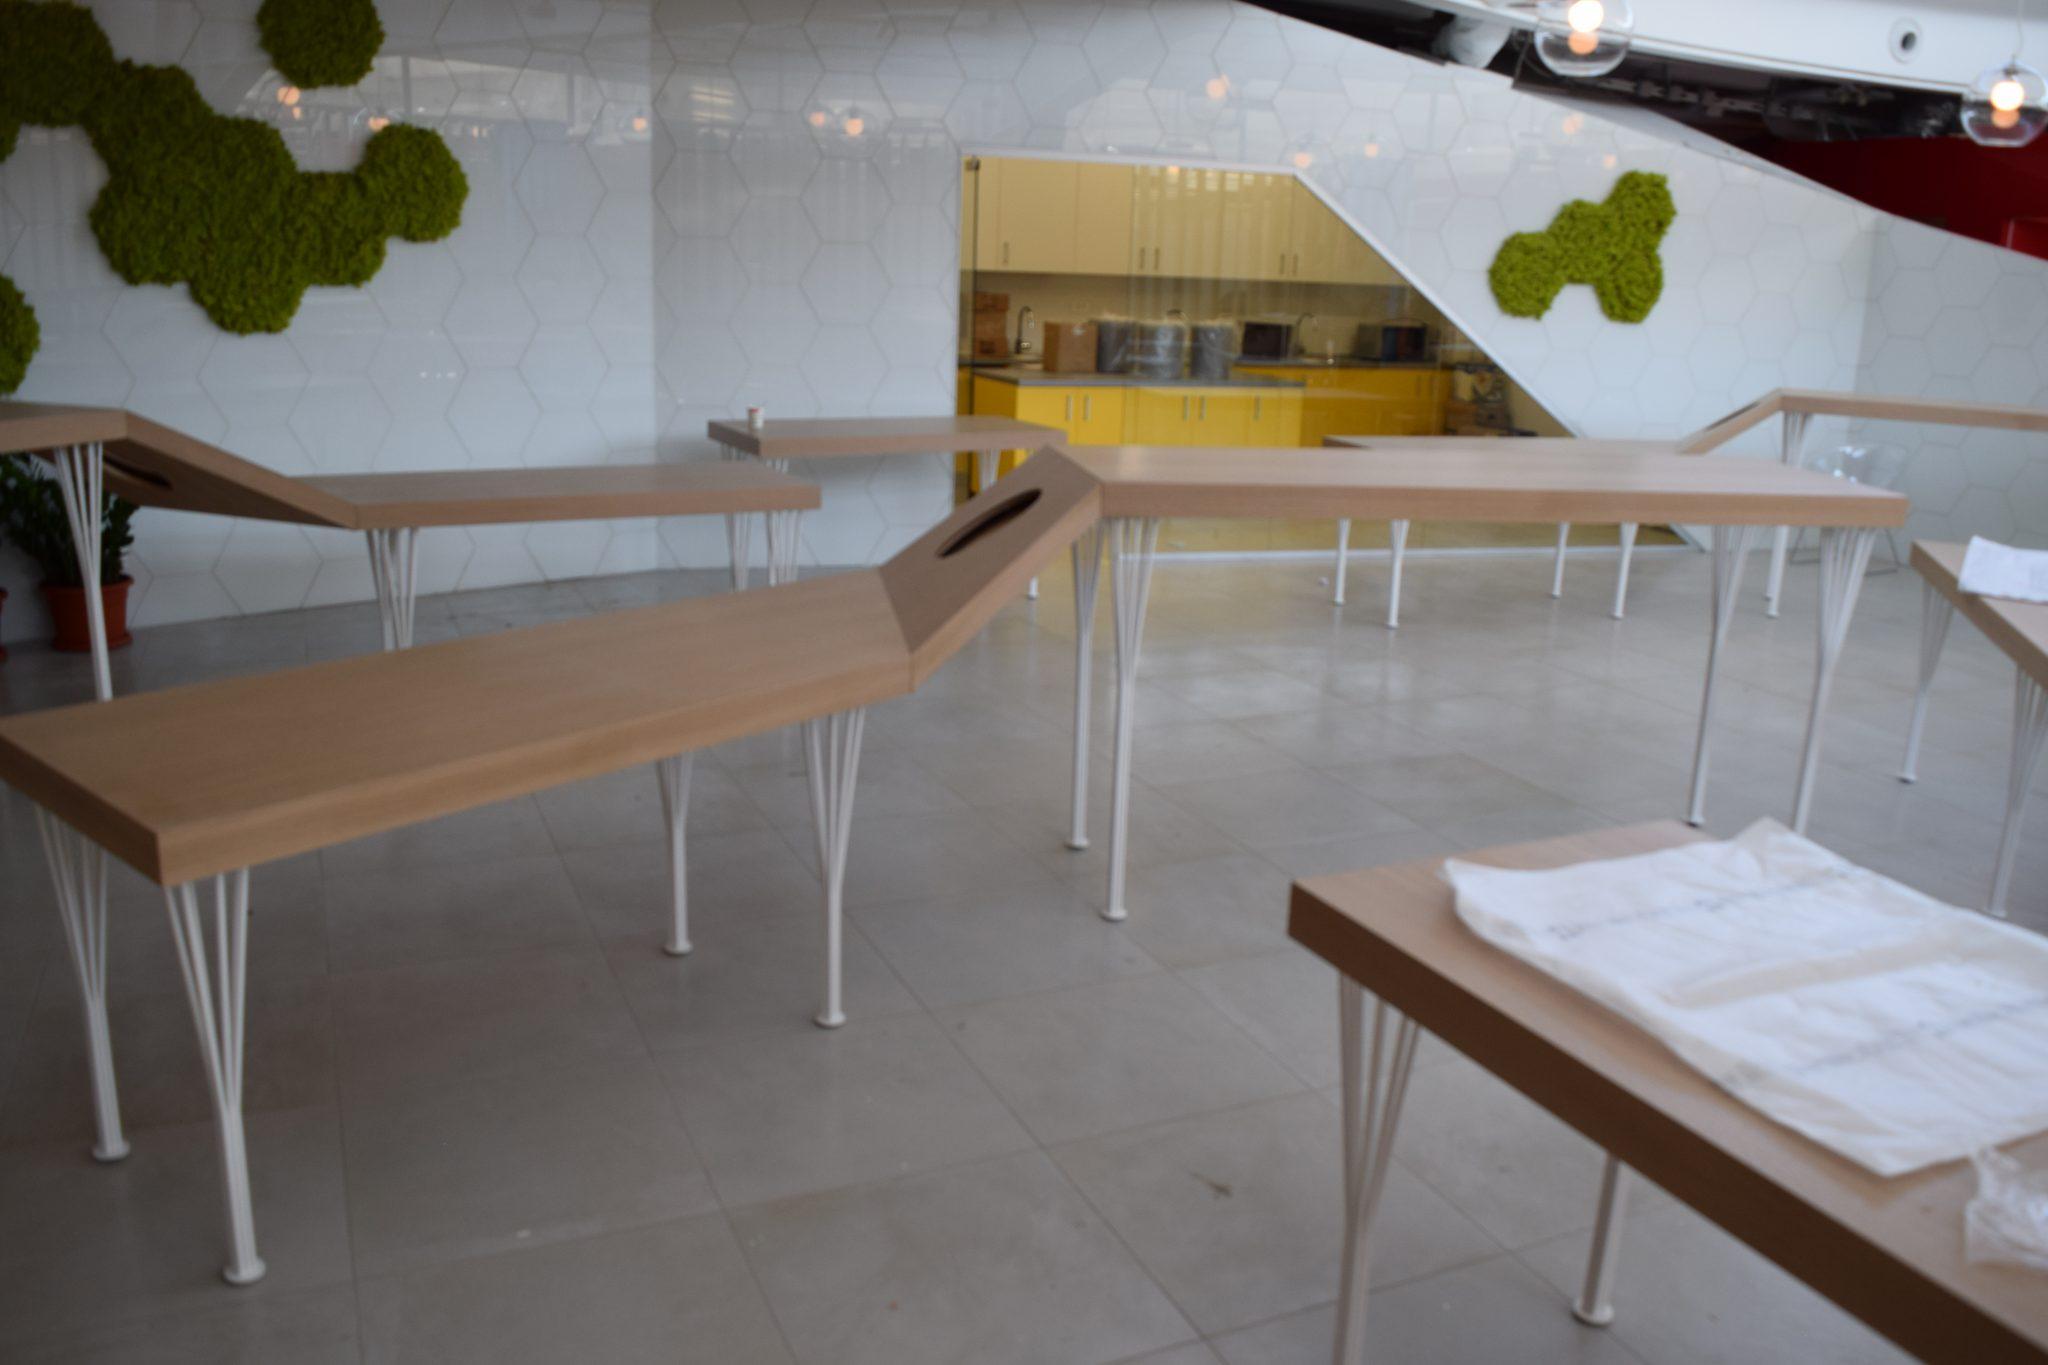 GreenForest - mobilier de birou DSC_0456 Projects